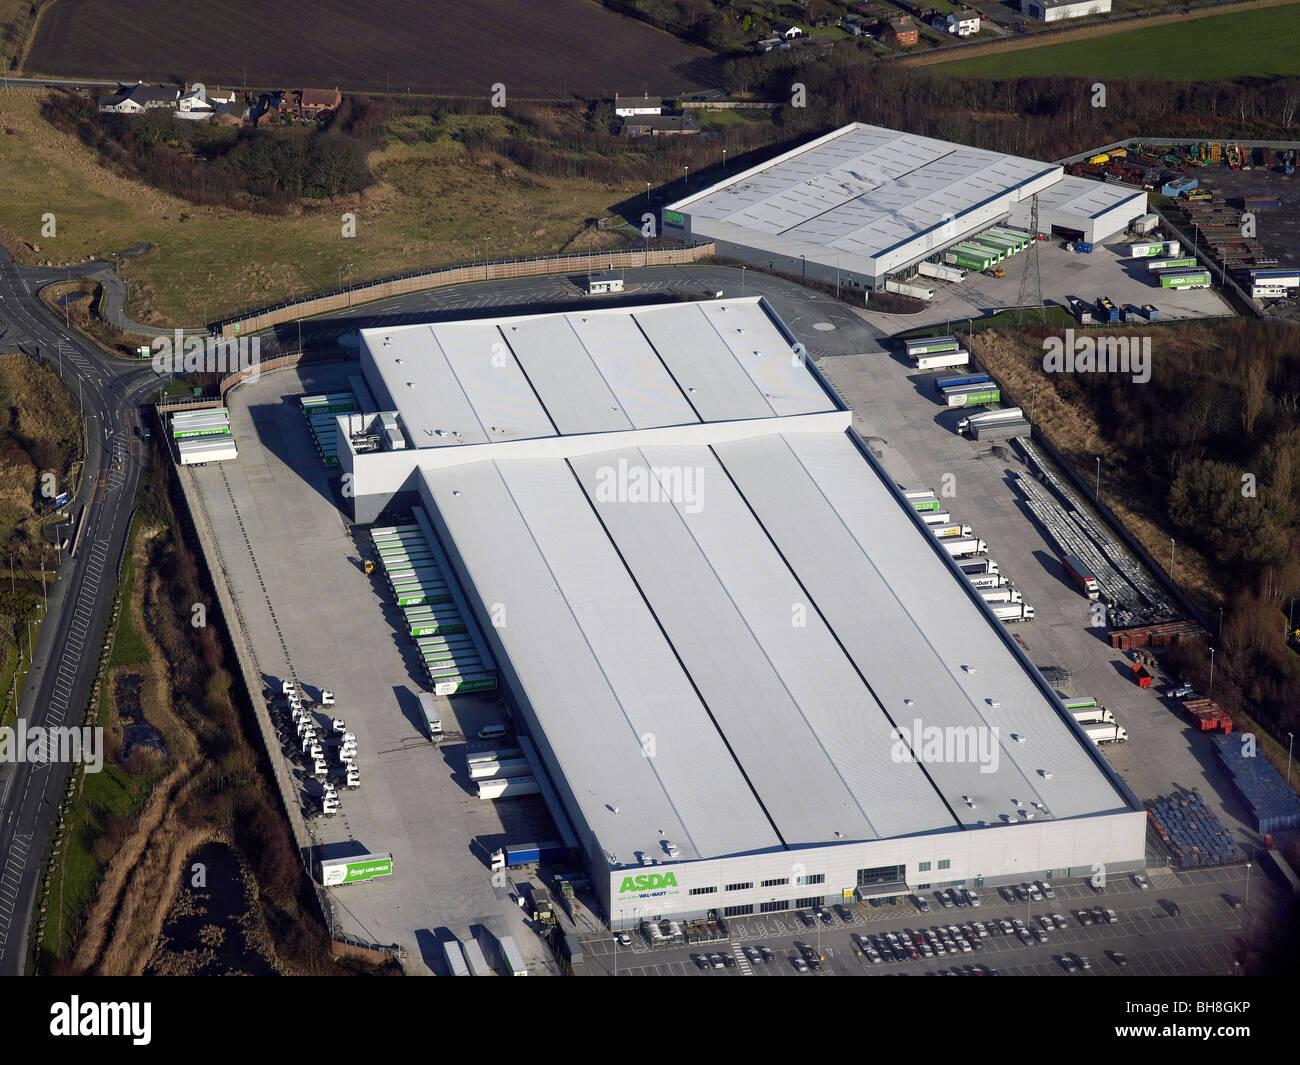 Entrepôt de distribution au détail à Wigan, Lancashire, dans le Nord de l'Angleterre Photo Stock